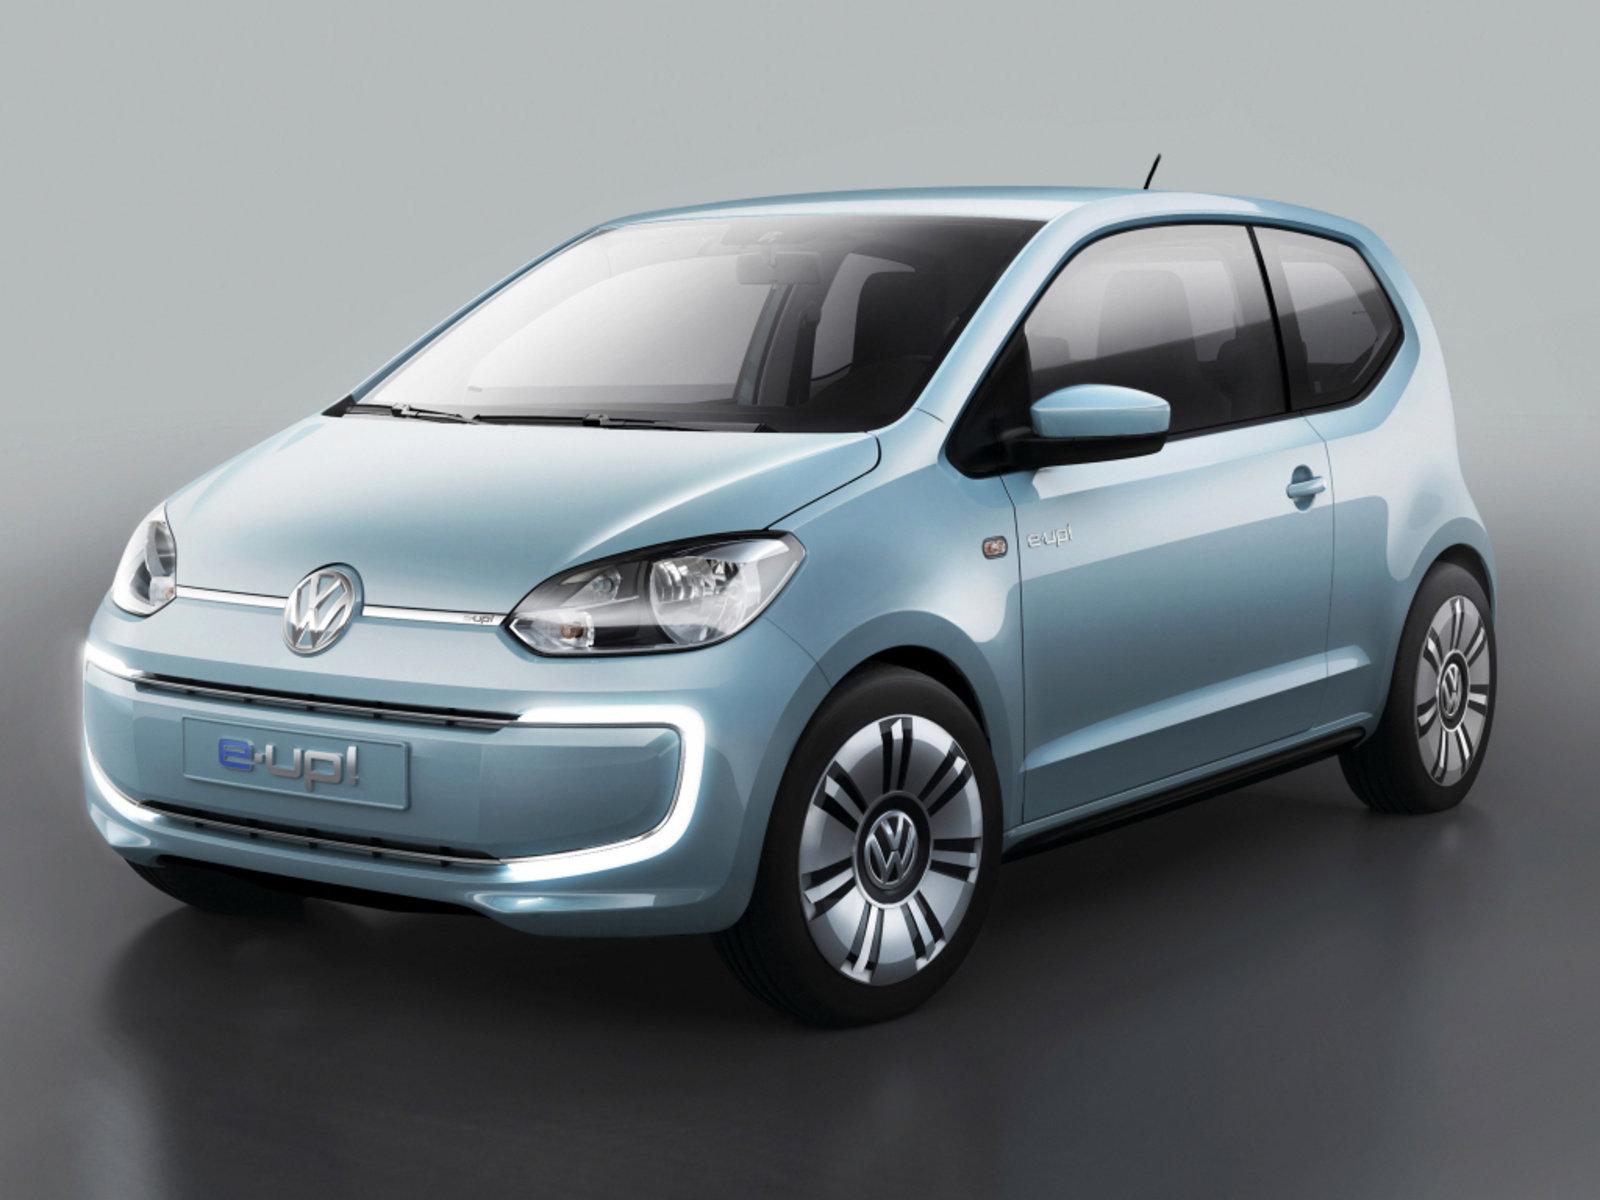 新大众e-up!等 大众2020年将发布多款新车型